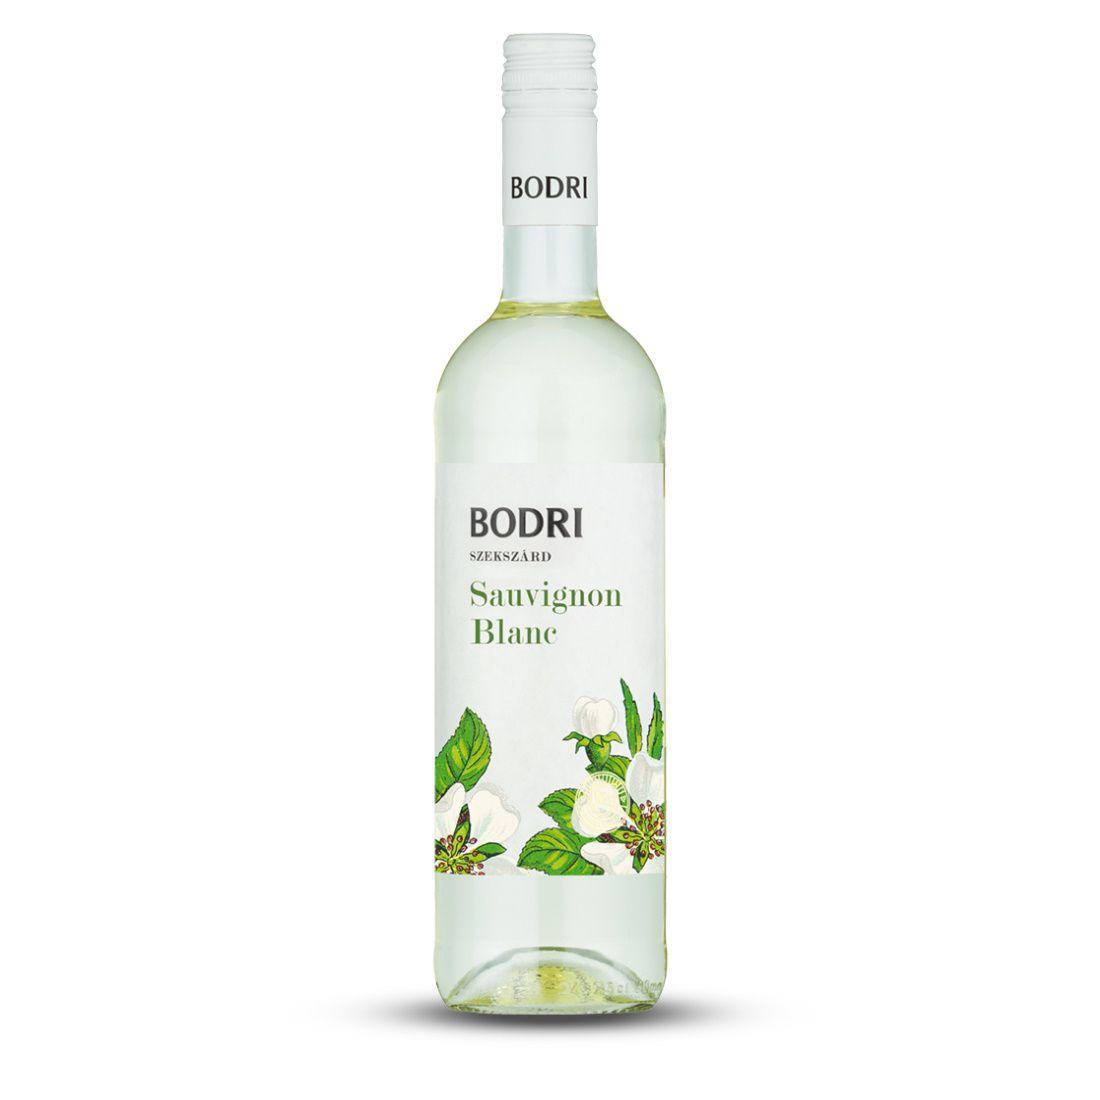 Bodri Sauvignon Blanc 2020 0,75l